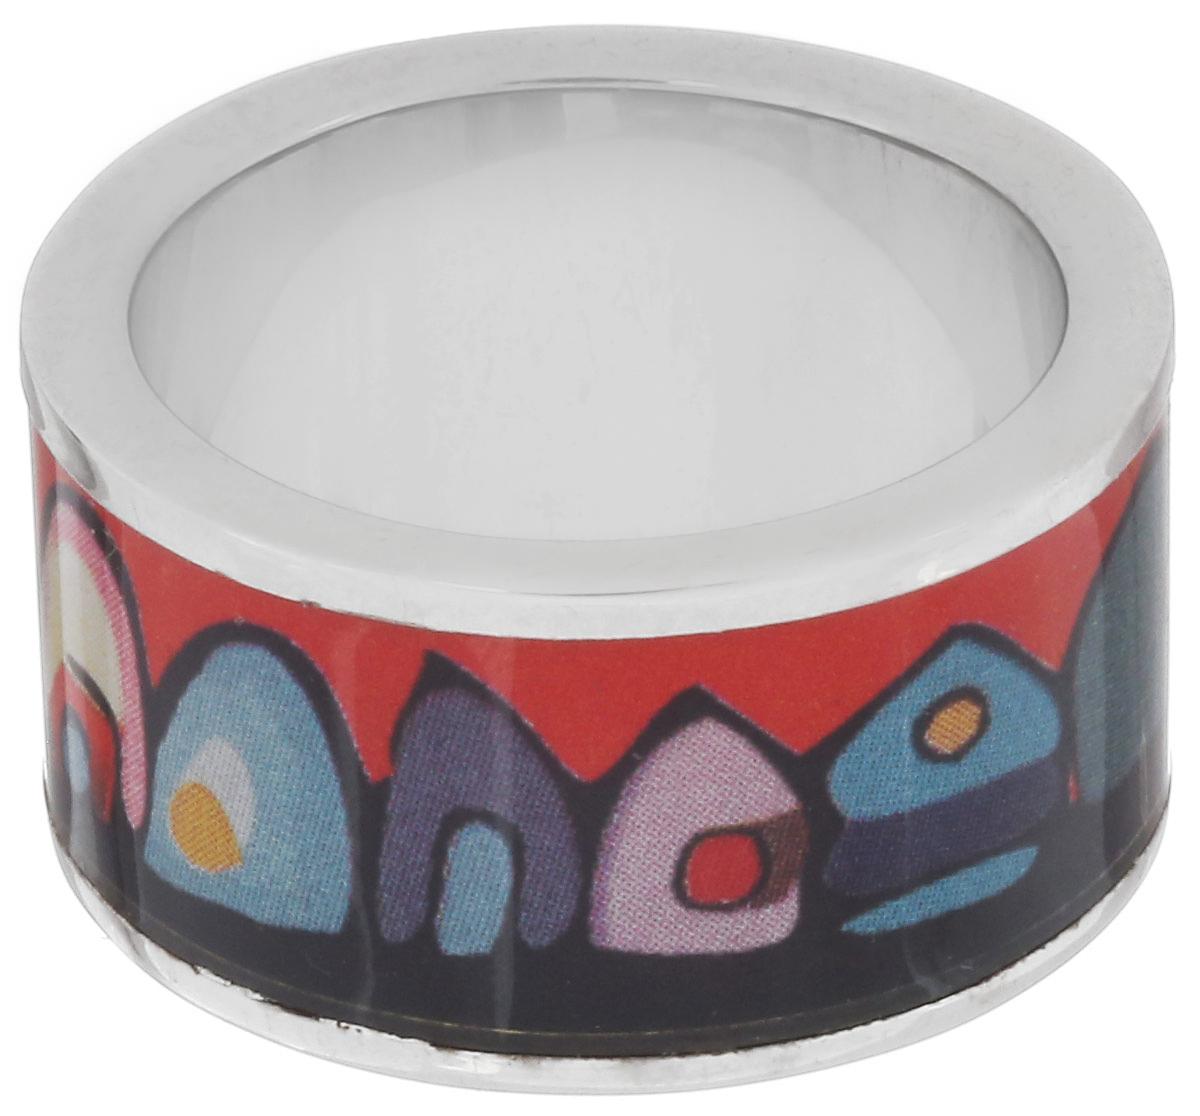 Кольцо Art-Silver, цвет: серебристый, красный, мультиколор. ФК107-1-320. Размер 16,5ФК107-1-320Великолепное кольцо Art-Silver изготовлено из бижутерного сплава. Изделие с покрытием из эмали оформлено изображением забавных домиков. Стильное кольцо придаст вашему образу изюминку и подчеркнет индивидуальность.